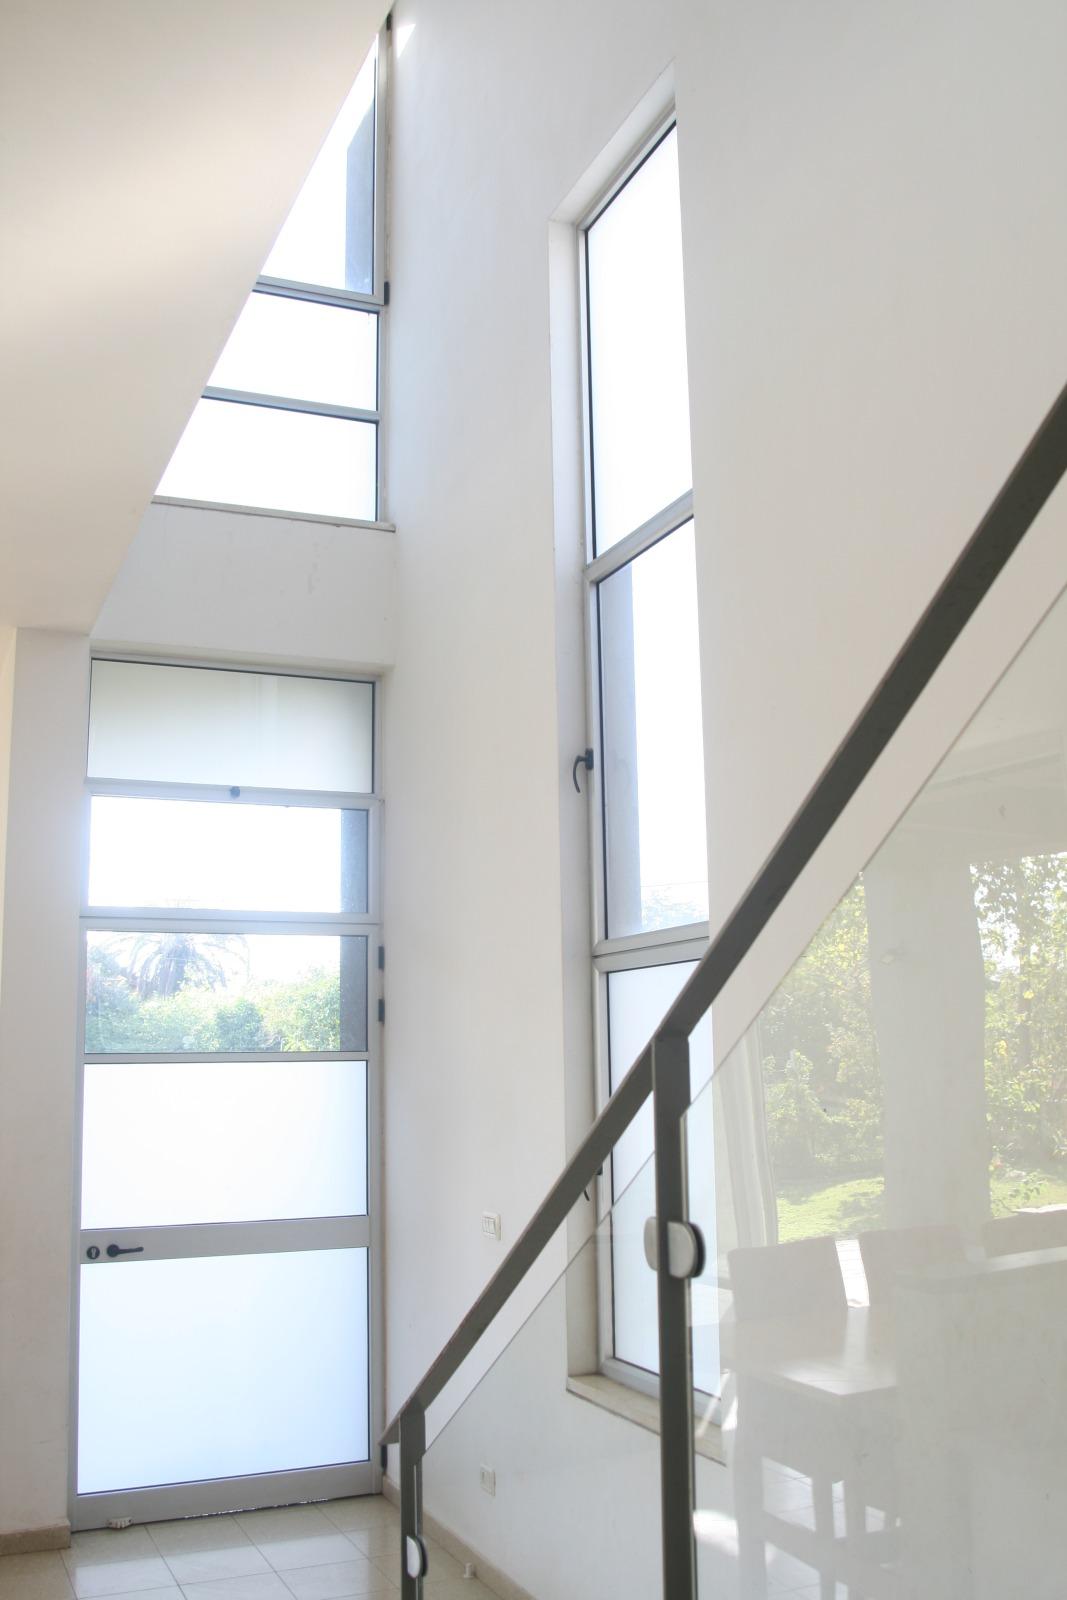 אדריכלות מודרנית. חלל כפול ואור טבעי